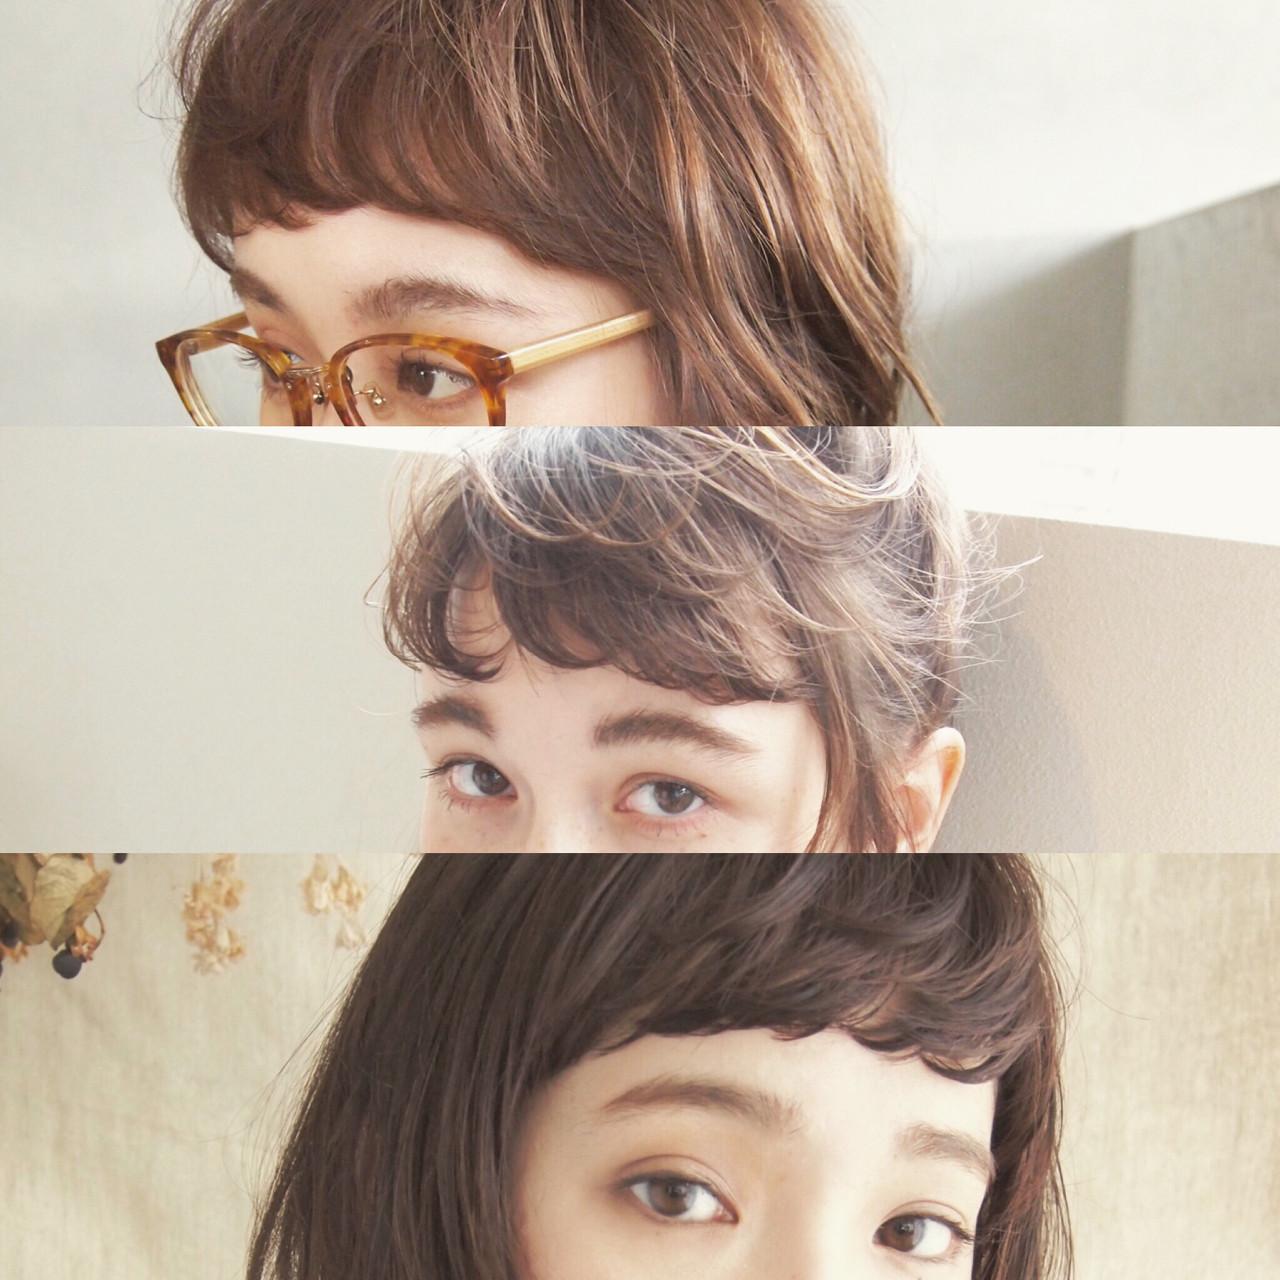 教えて!ザクザク前髪のセット方法♡ UEKI/nanuk